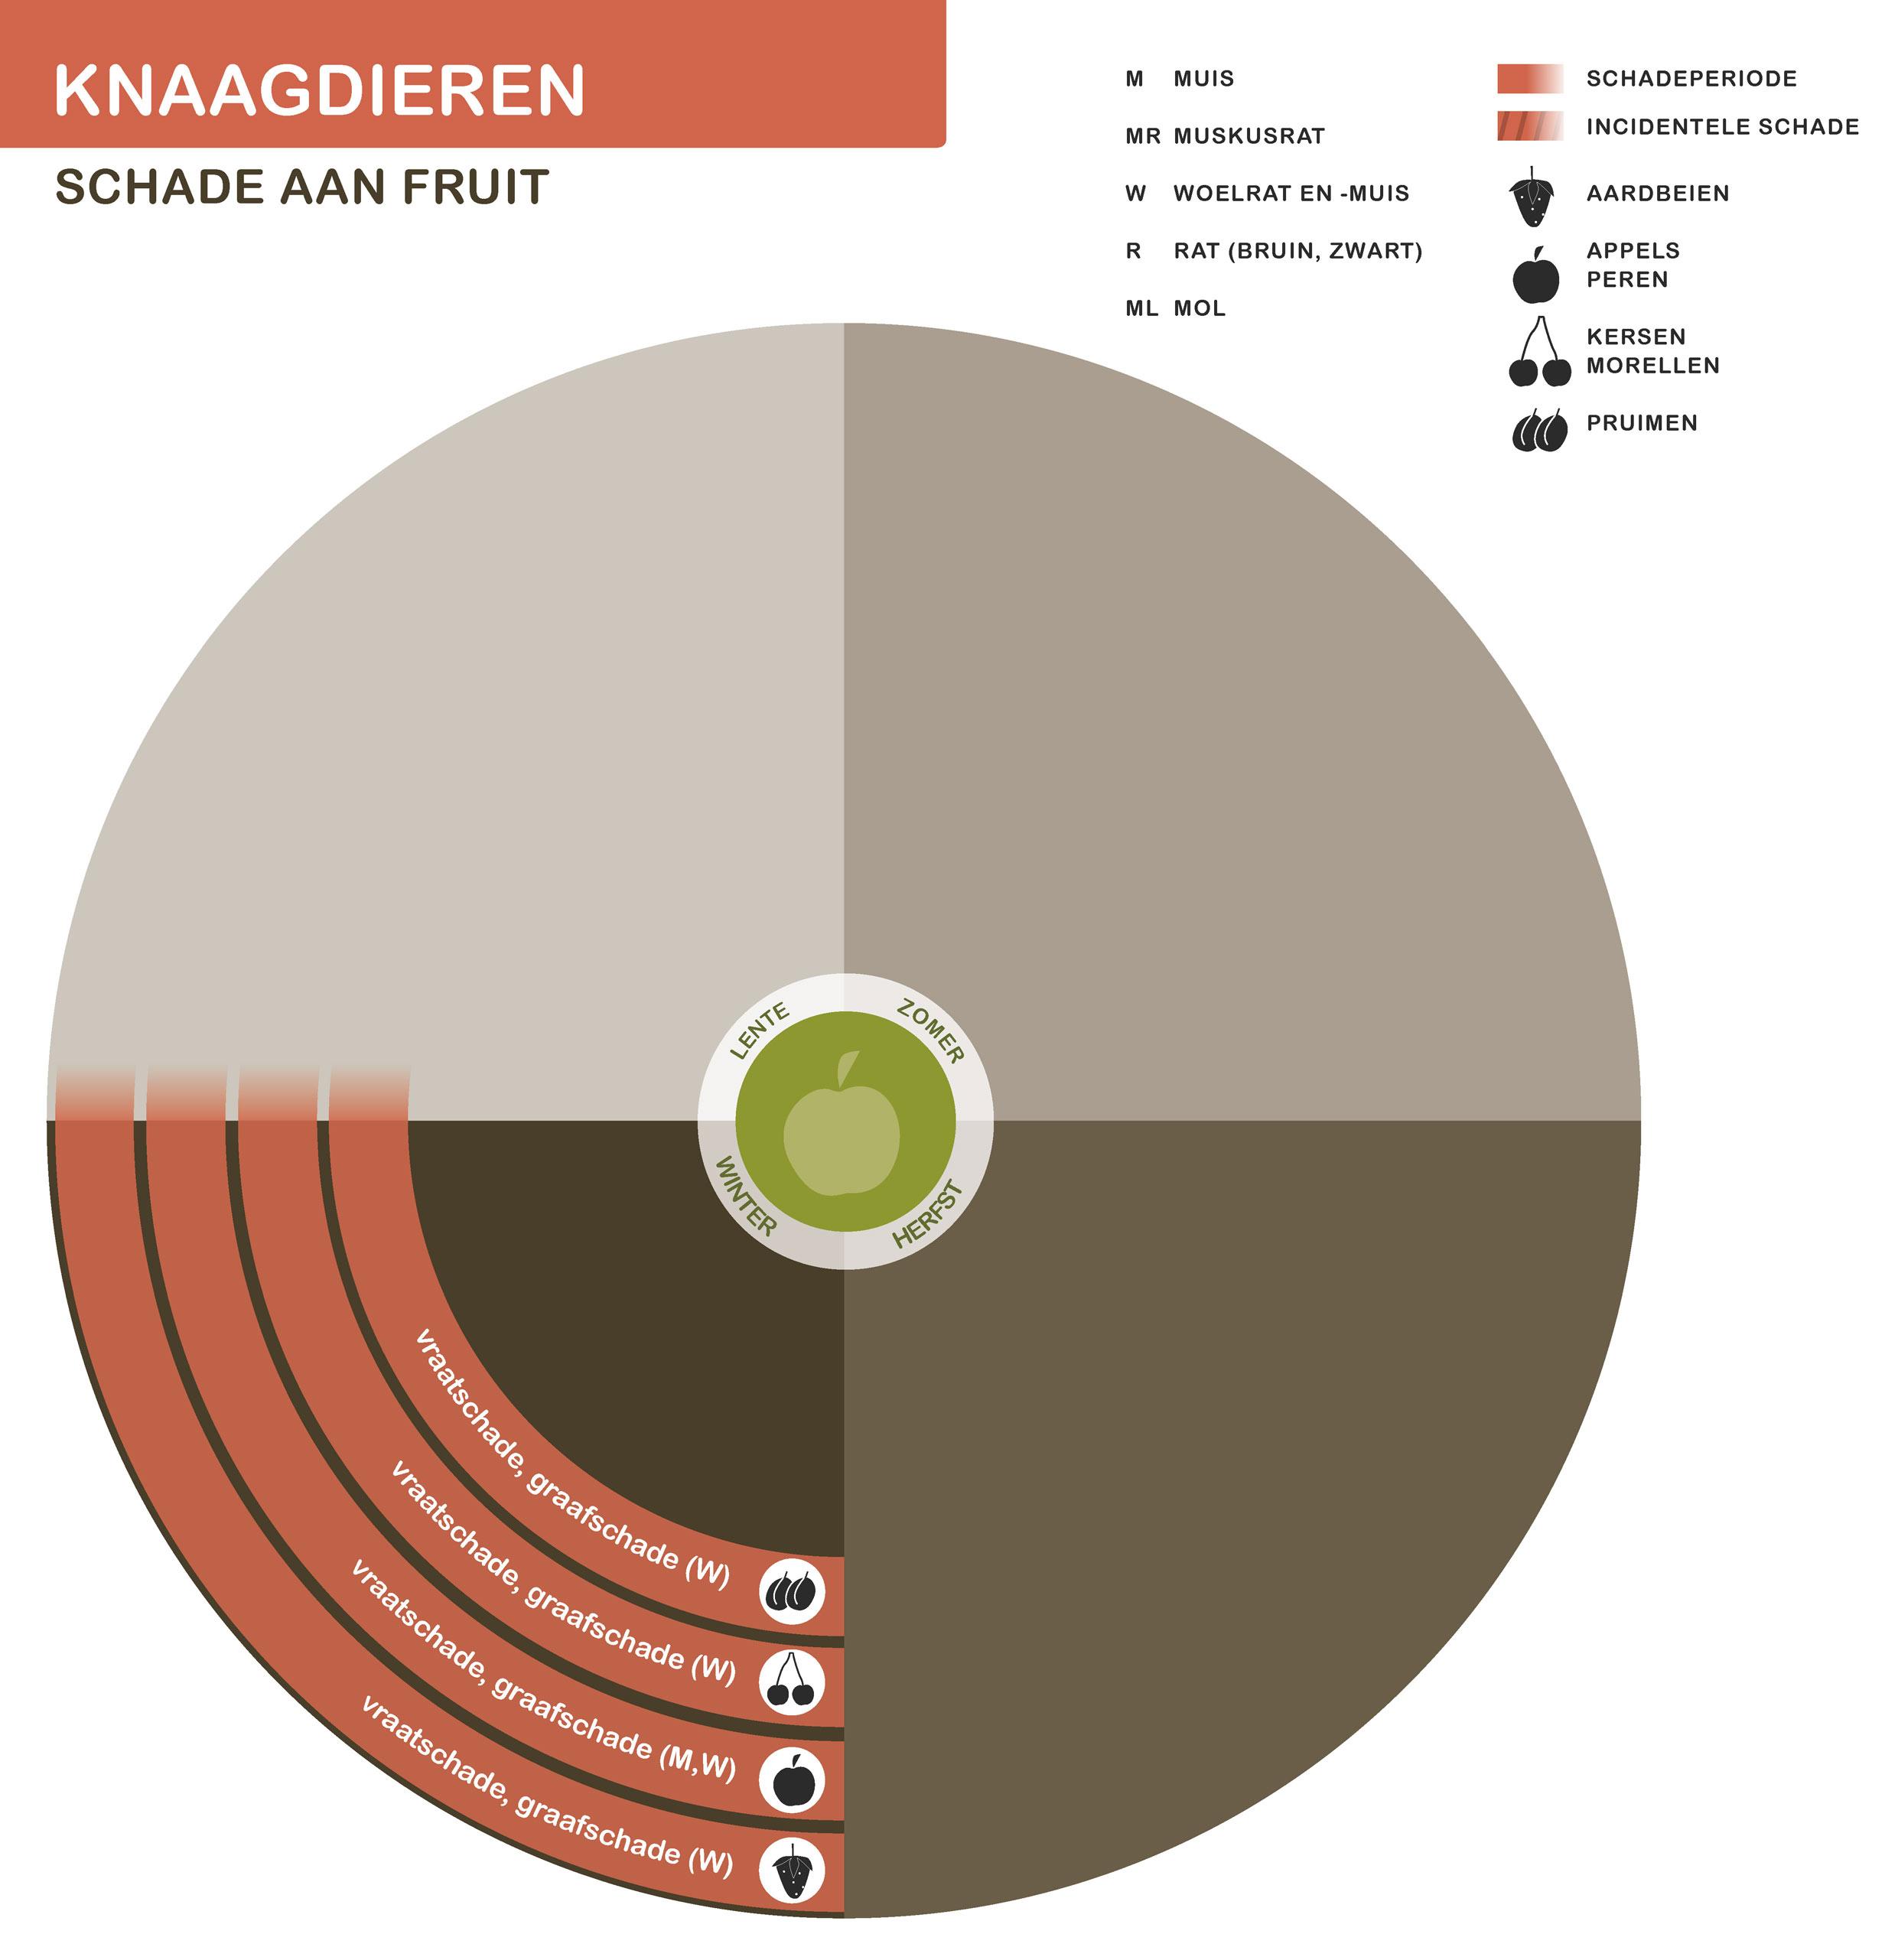 FPK-infogr-knaagd-fruit-1